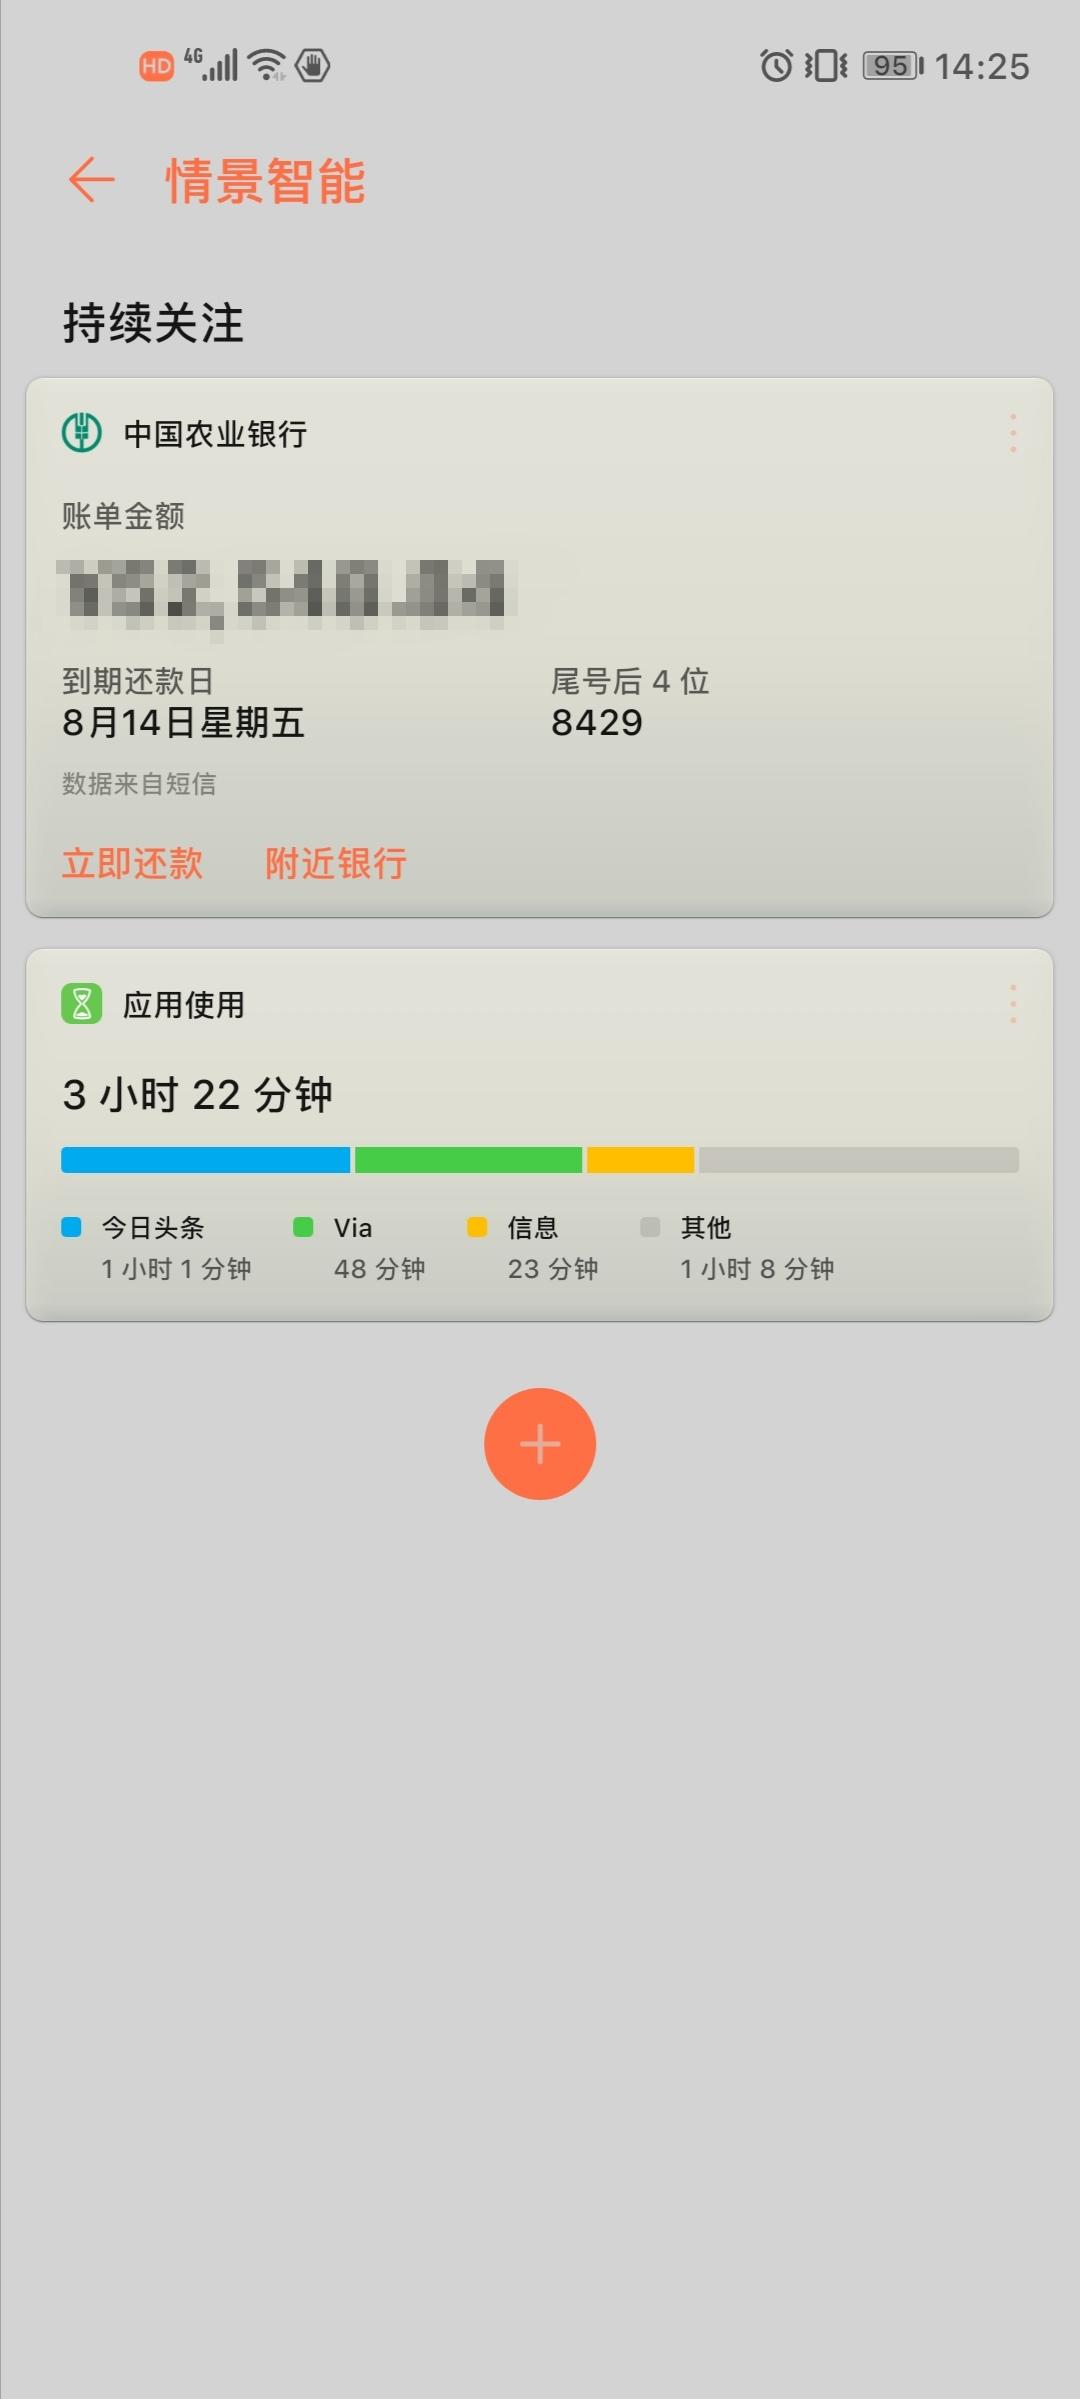 Screenshot_20200728_142556.jpg